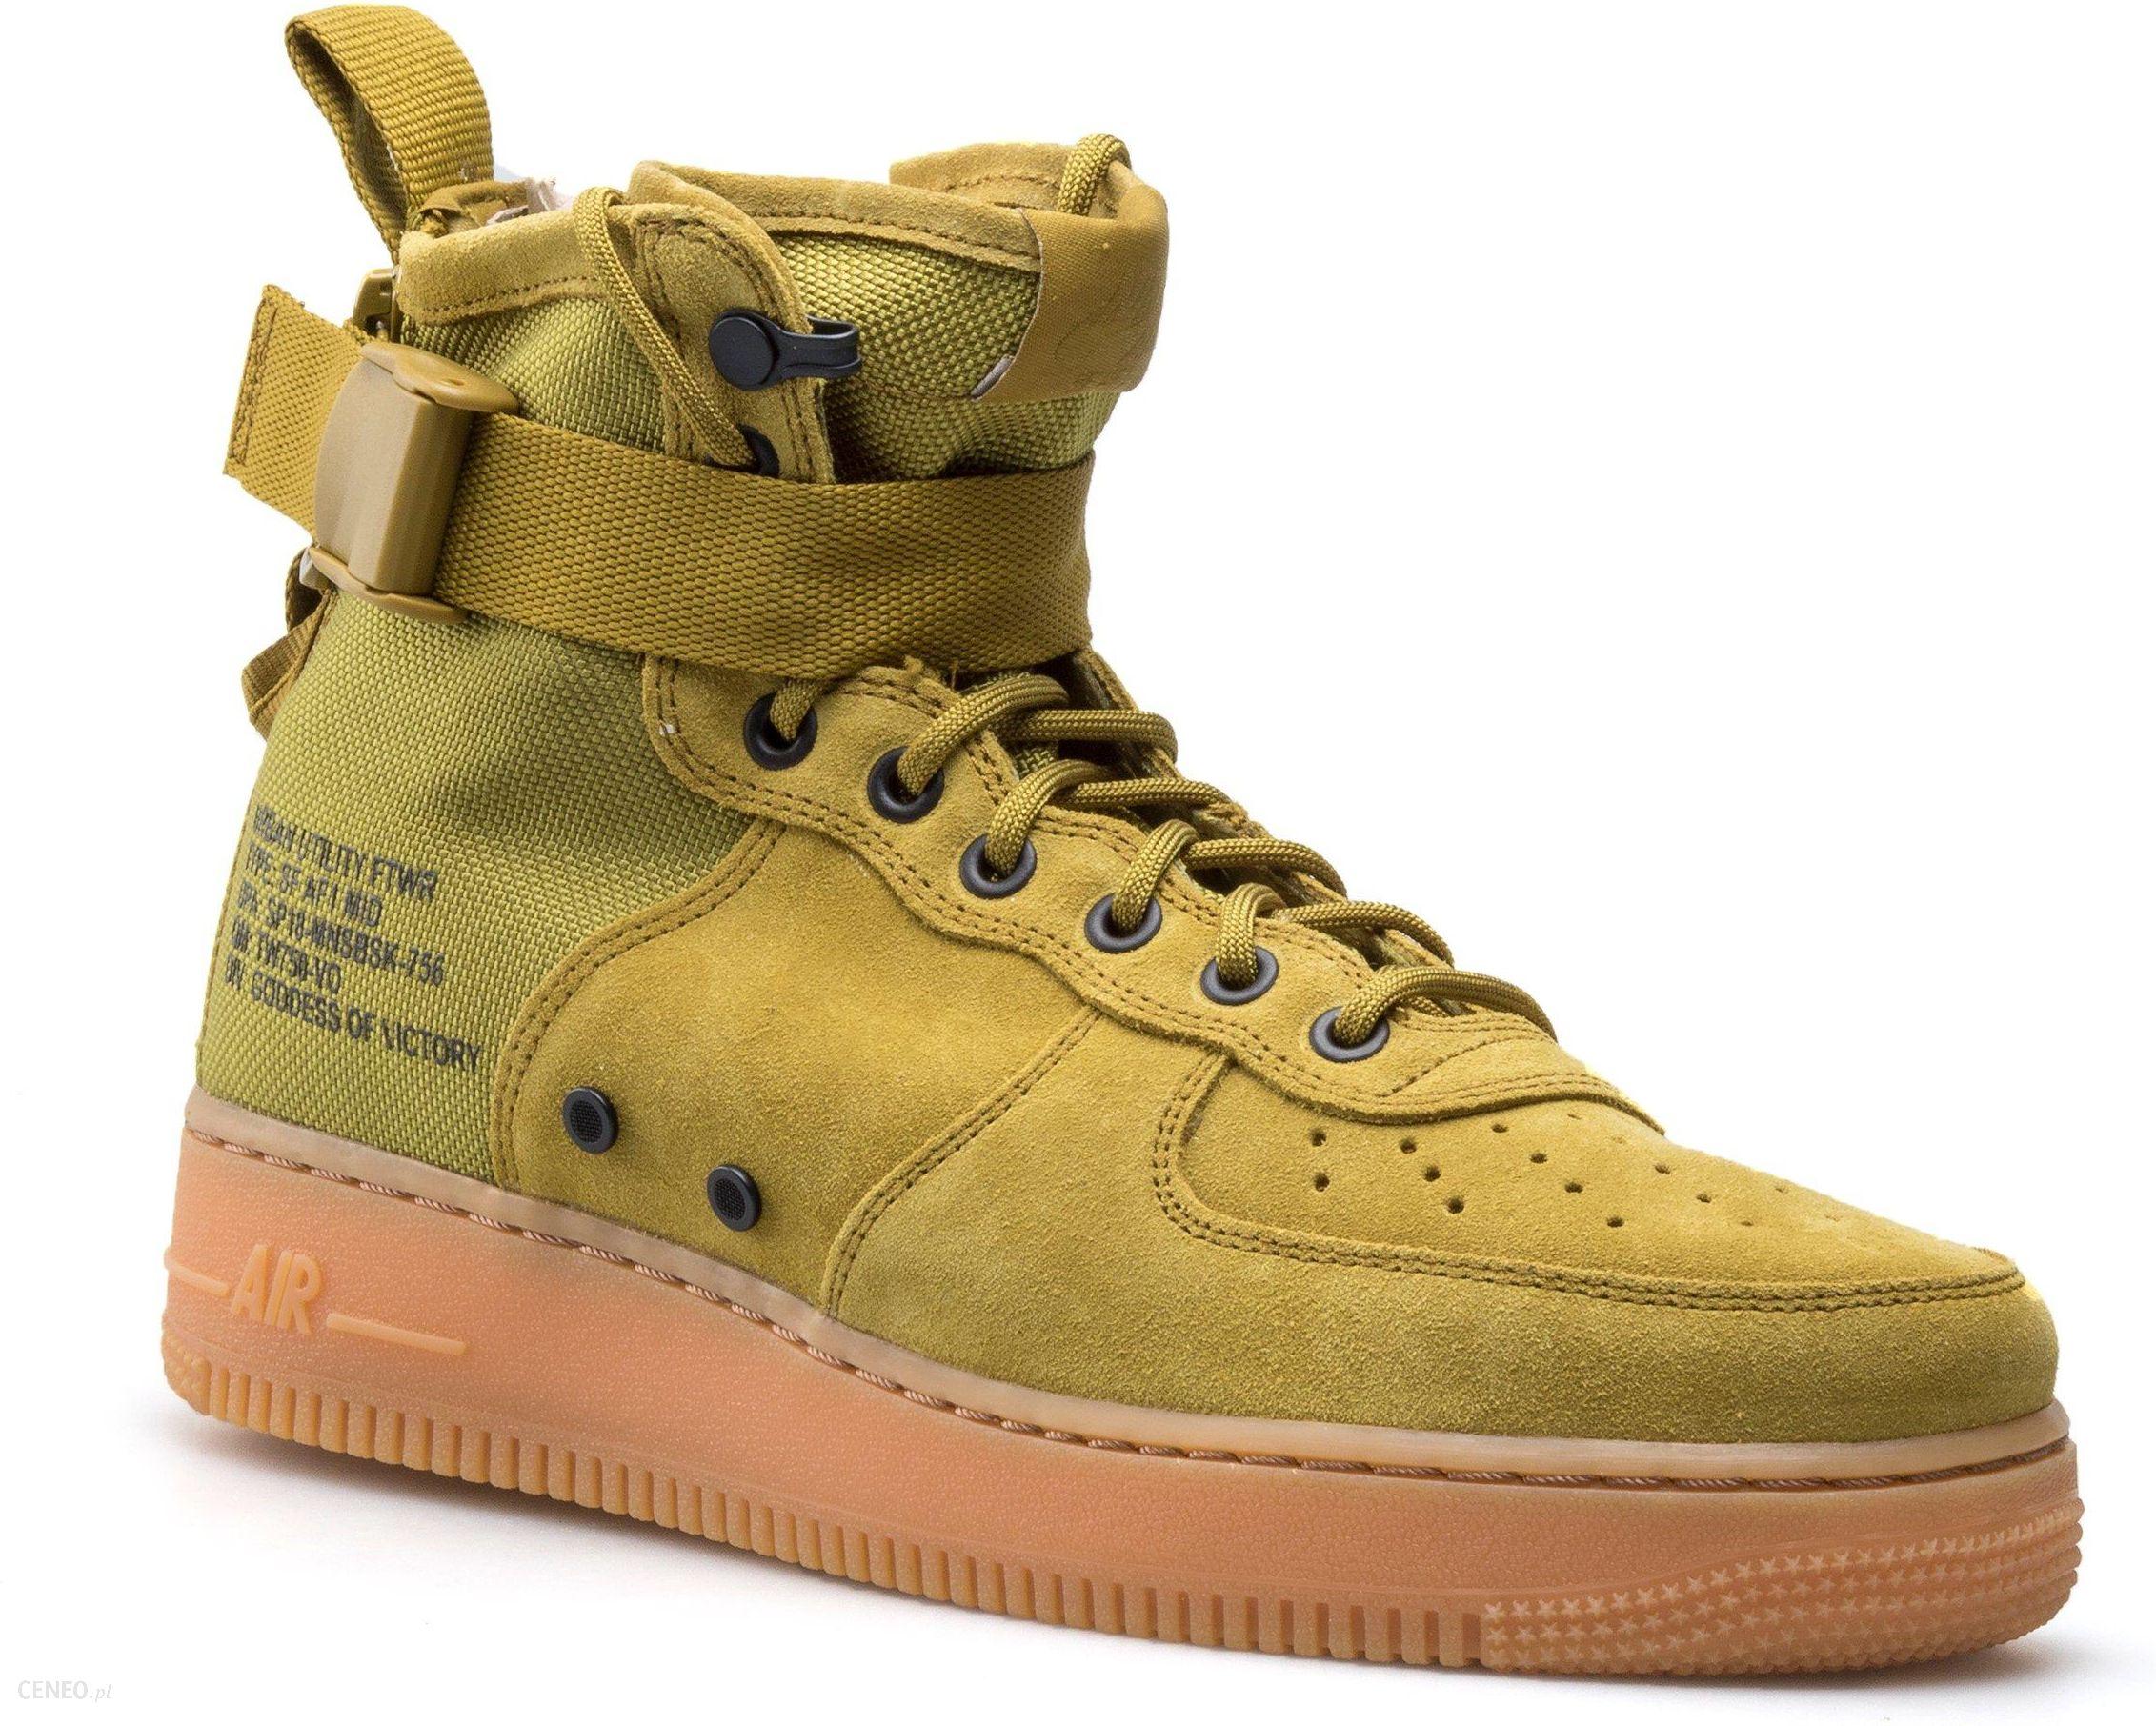 Buty męskie Nike Sf AF1 MID 917753 301 r. 45,5 Ceny i opinie Ceneo.pl